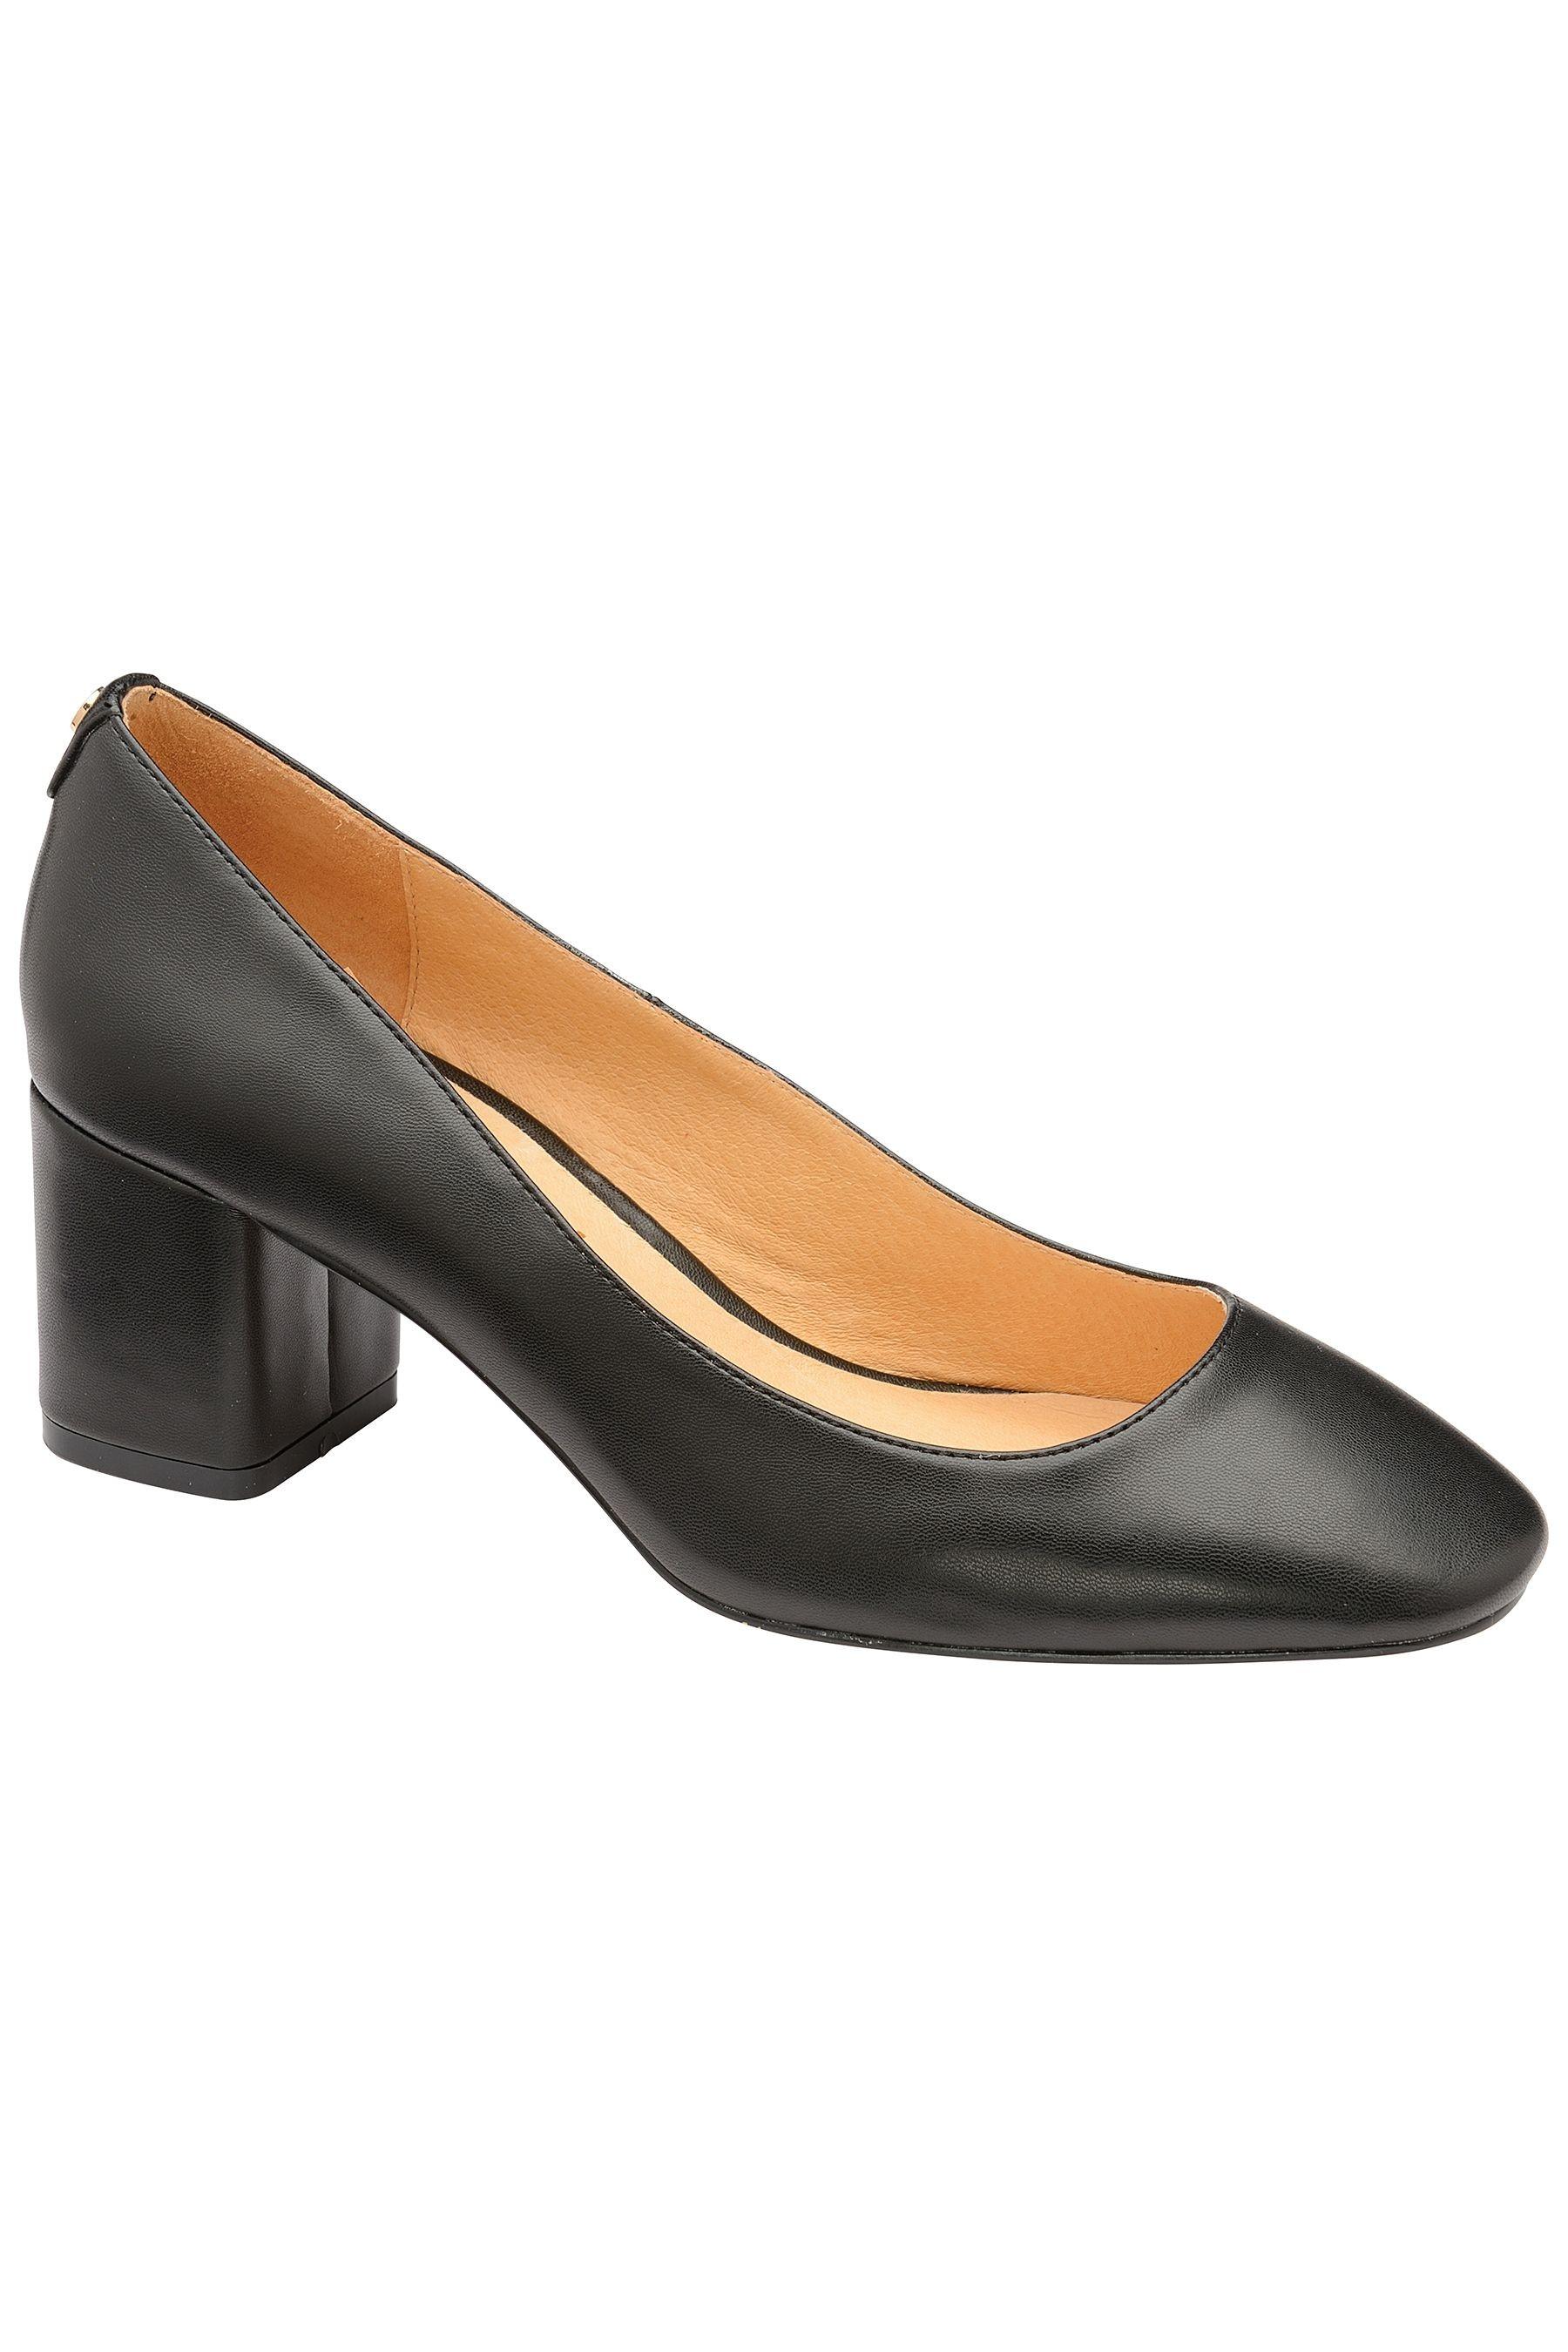 Ravel Low Heel Court Shoe Black Court Shoes Heels Low Heels